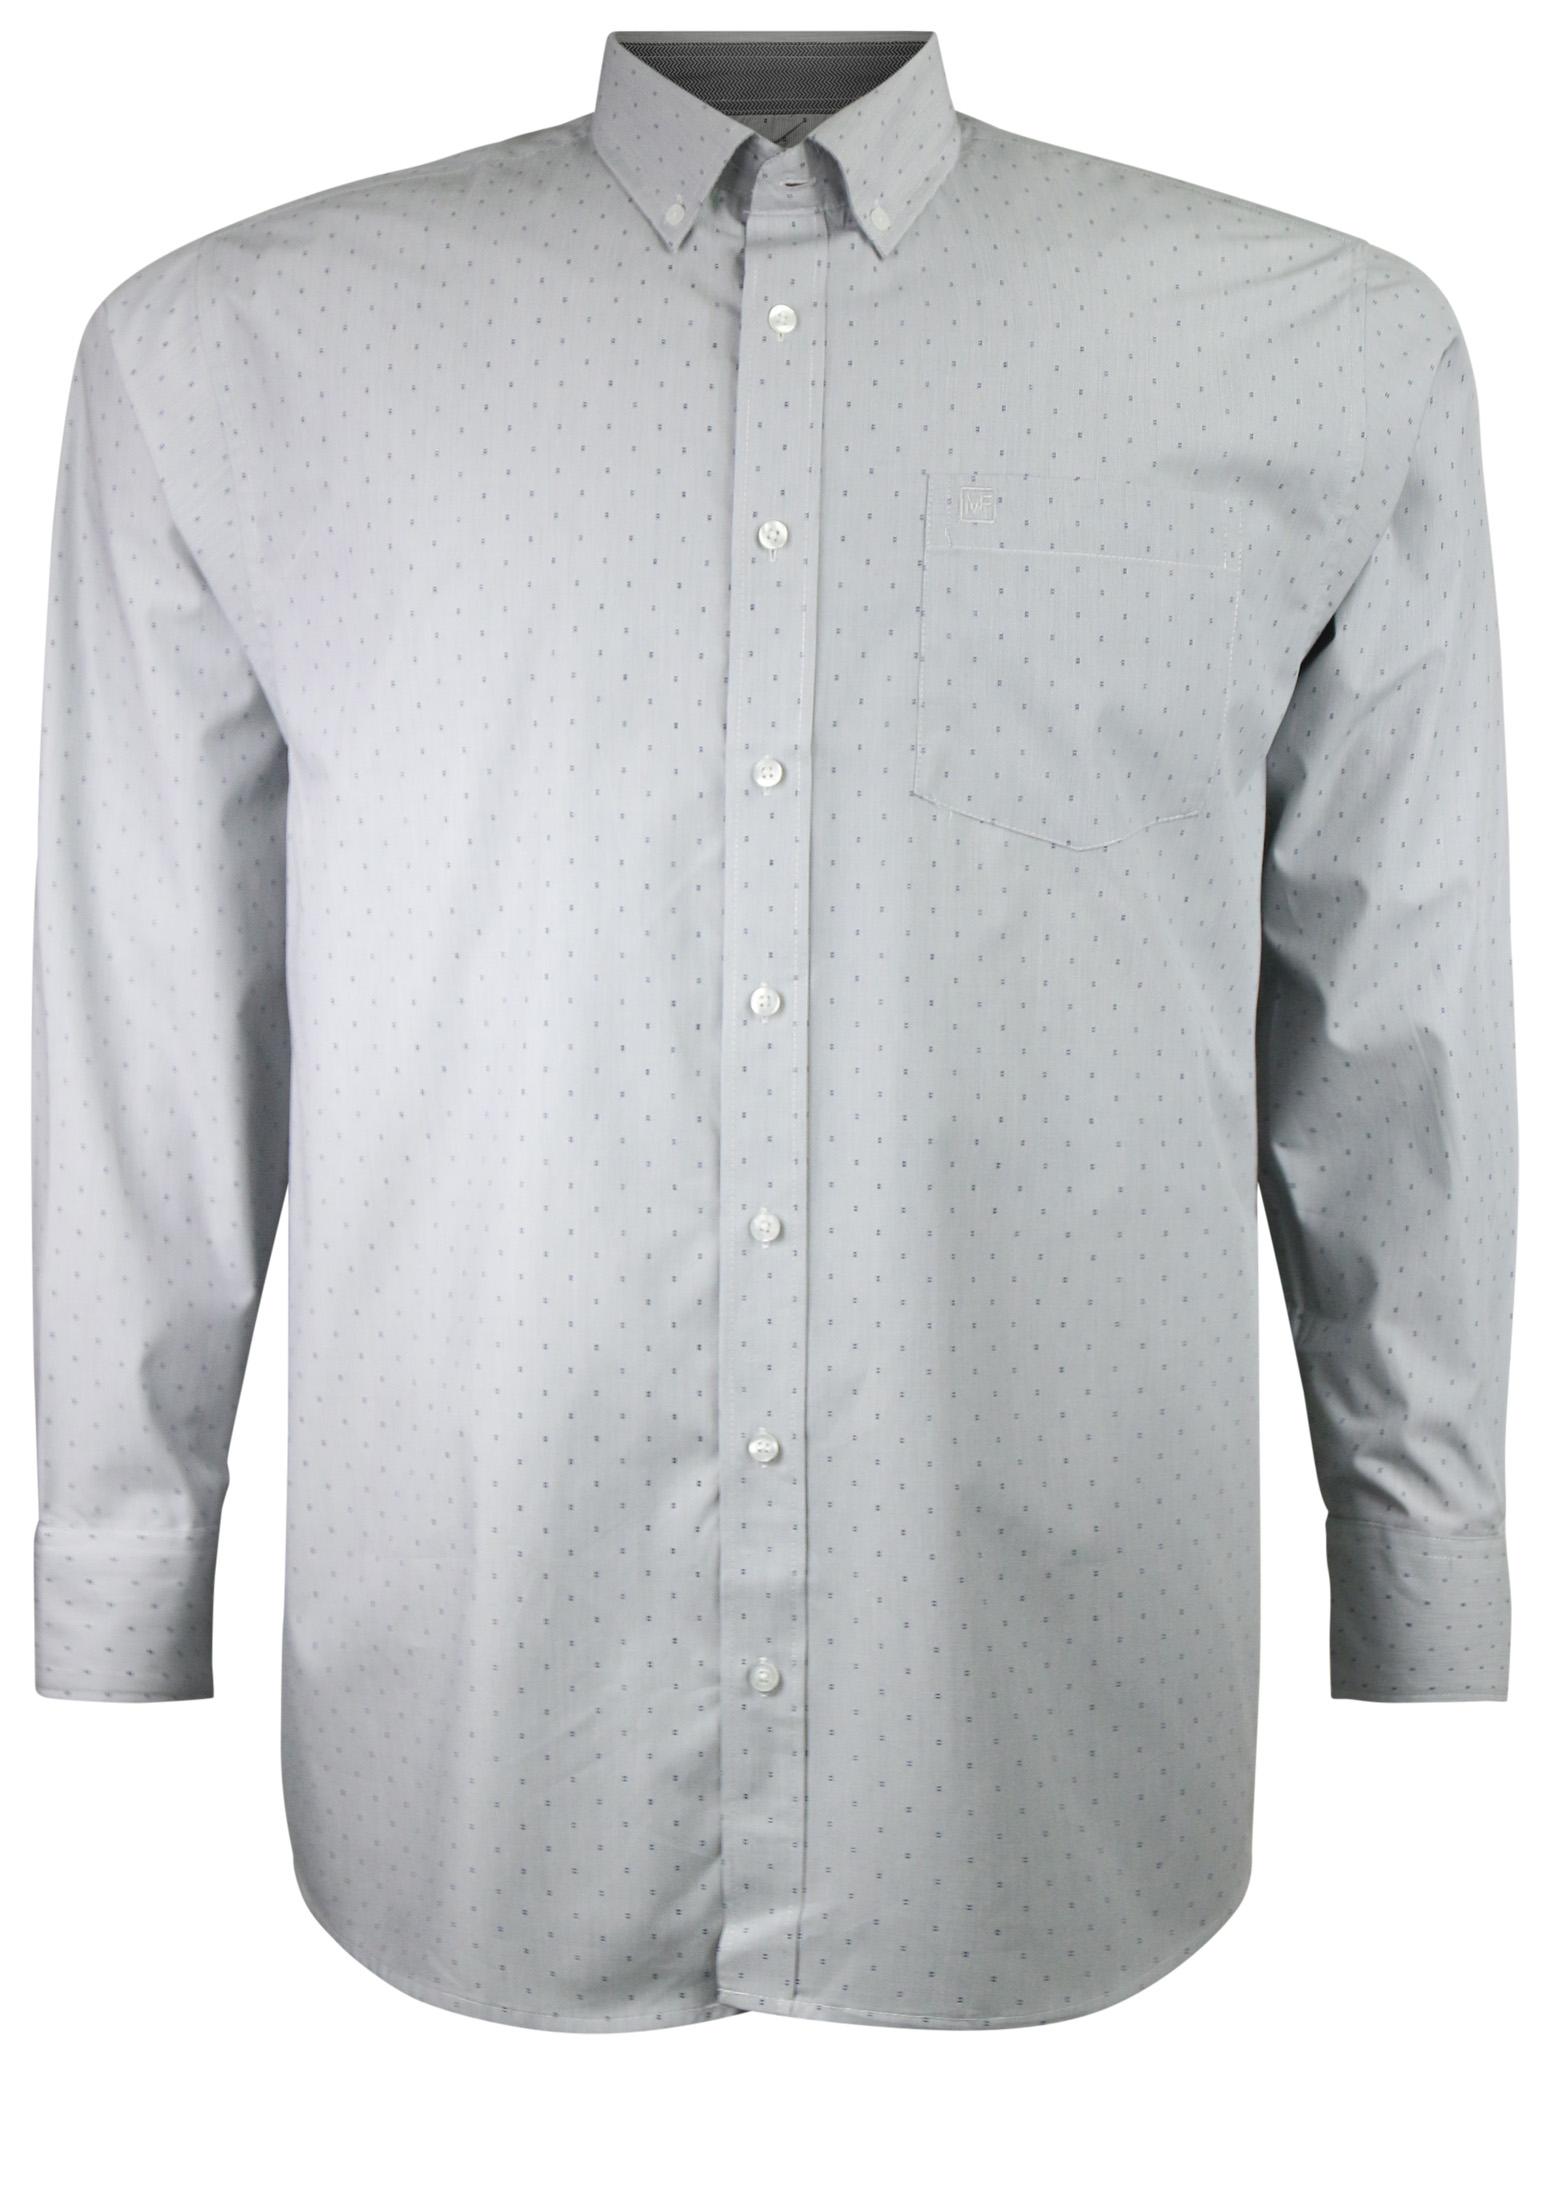 Overhemd met lange mouwen van Melvinsi met linker borstzakje, contrastkleur stof in de boorden en button down kraag.Fijne blauwe steep met klein blauw printjesmotief.